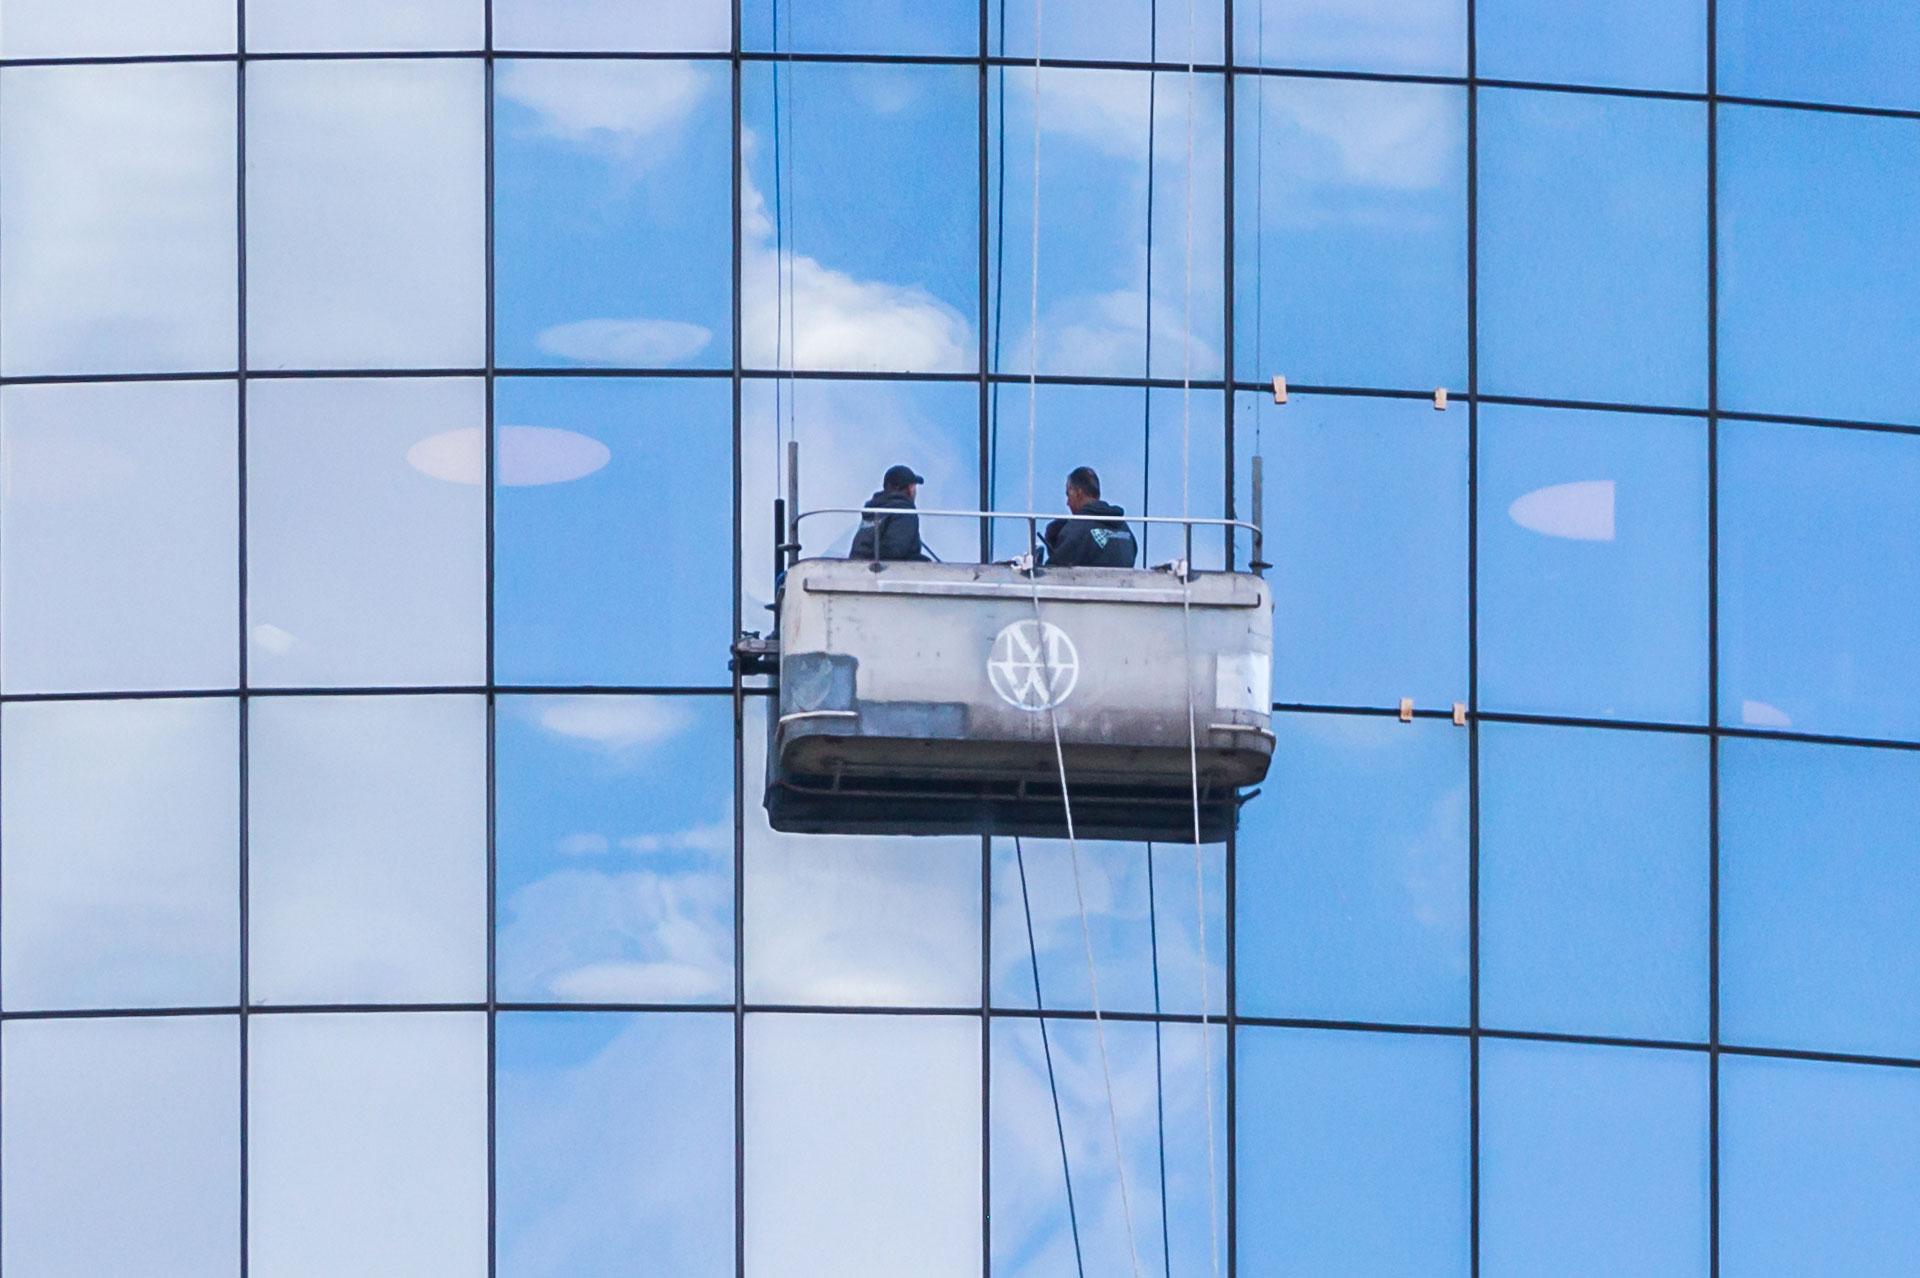 Lima Clean nettoyage lavage des vitres